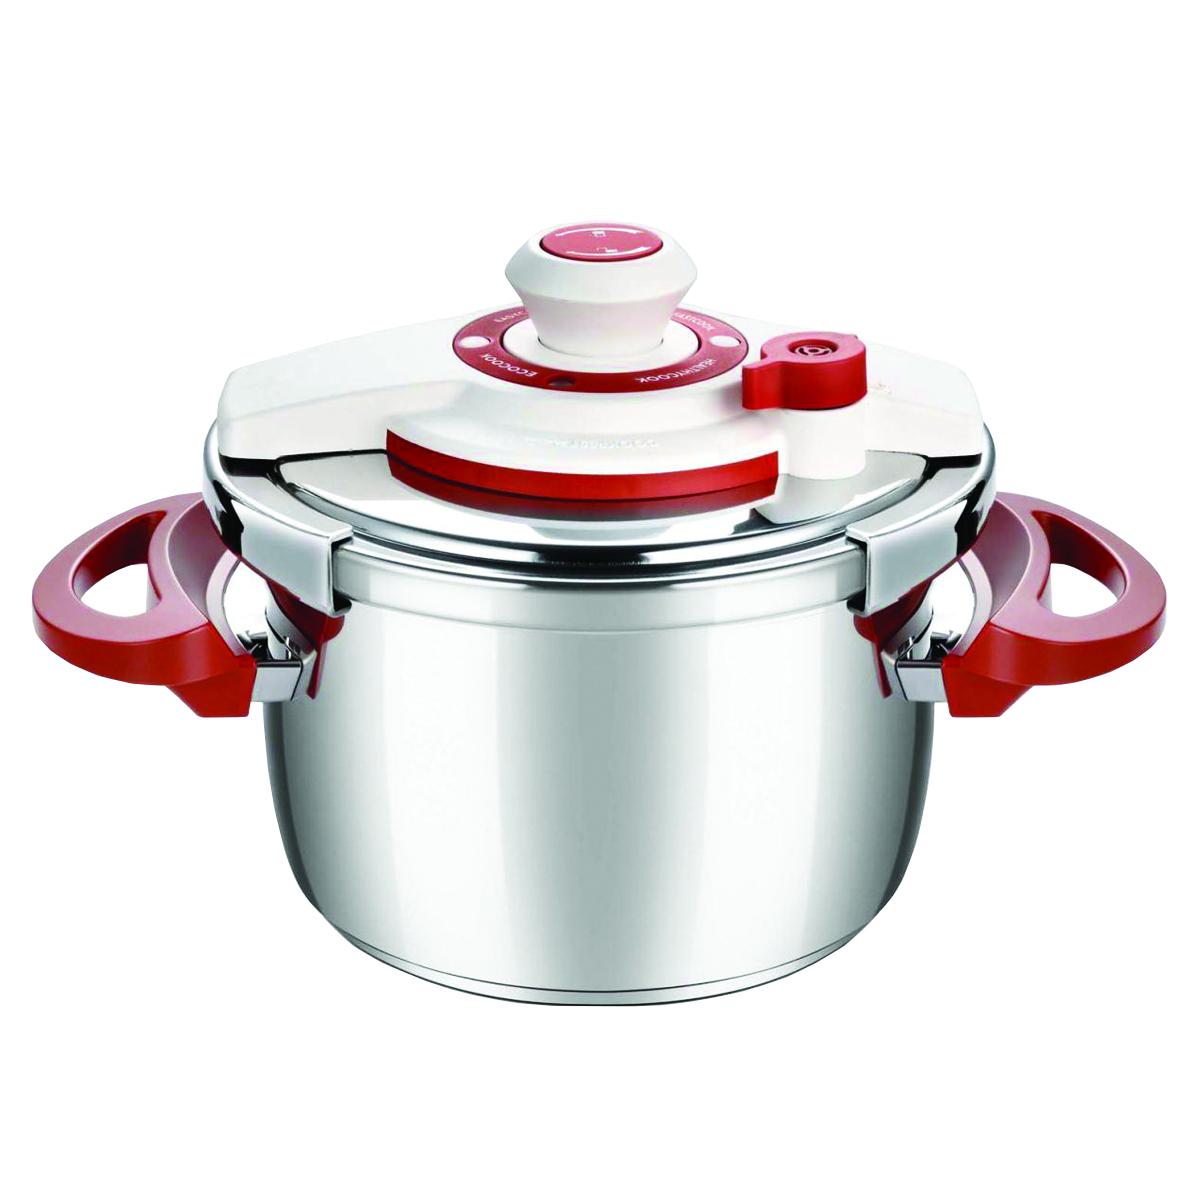 زودپز فالز مدل cookfest کد 01ظرفیت ۴ لیتر